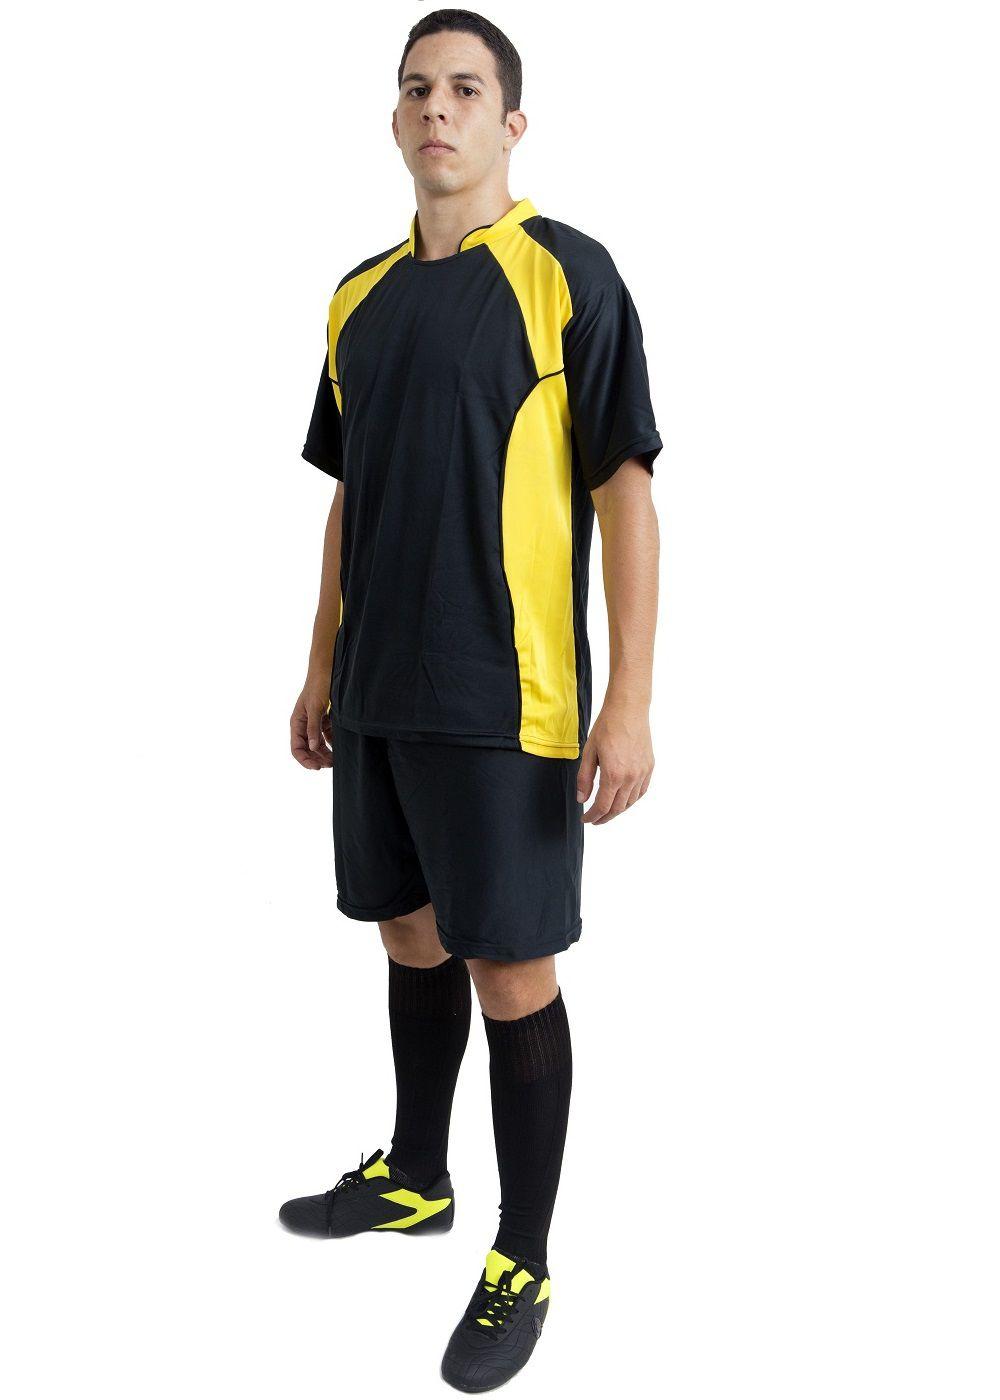 Uniforme Esportivo Completo modelo Suécia 14+1 (14 camisas Preto/Amarelo + 14 calções Madrid Preto + 14 pares de meiões Preto + 1 conjunto de goleiro) + Brindes